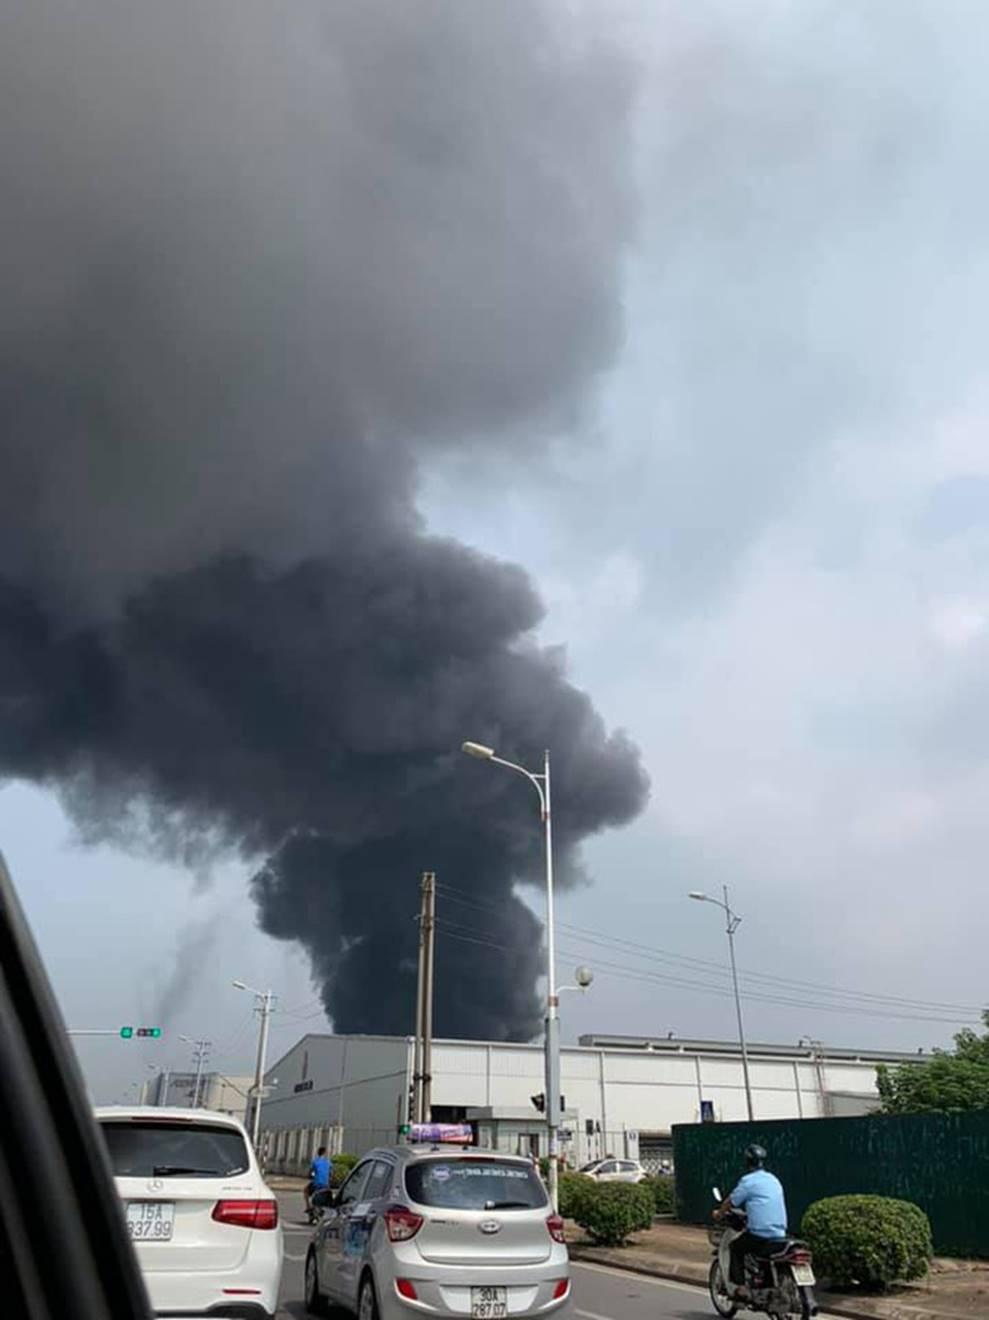 1000m2 của nhà máy sát trung tâm thương mại ở Long Biên bốc cháy ngùn ngụt, khung nhà gẫy gập-1